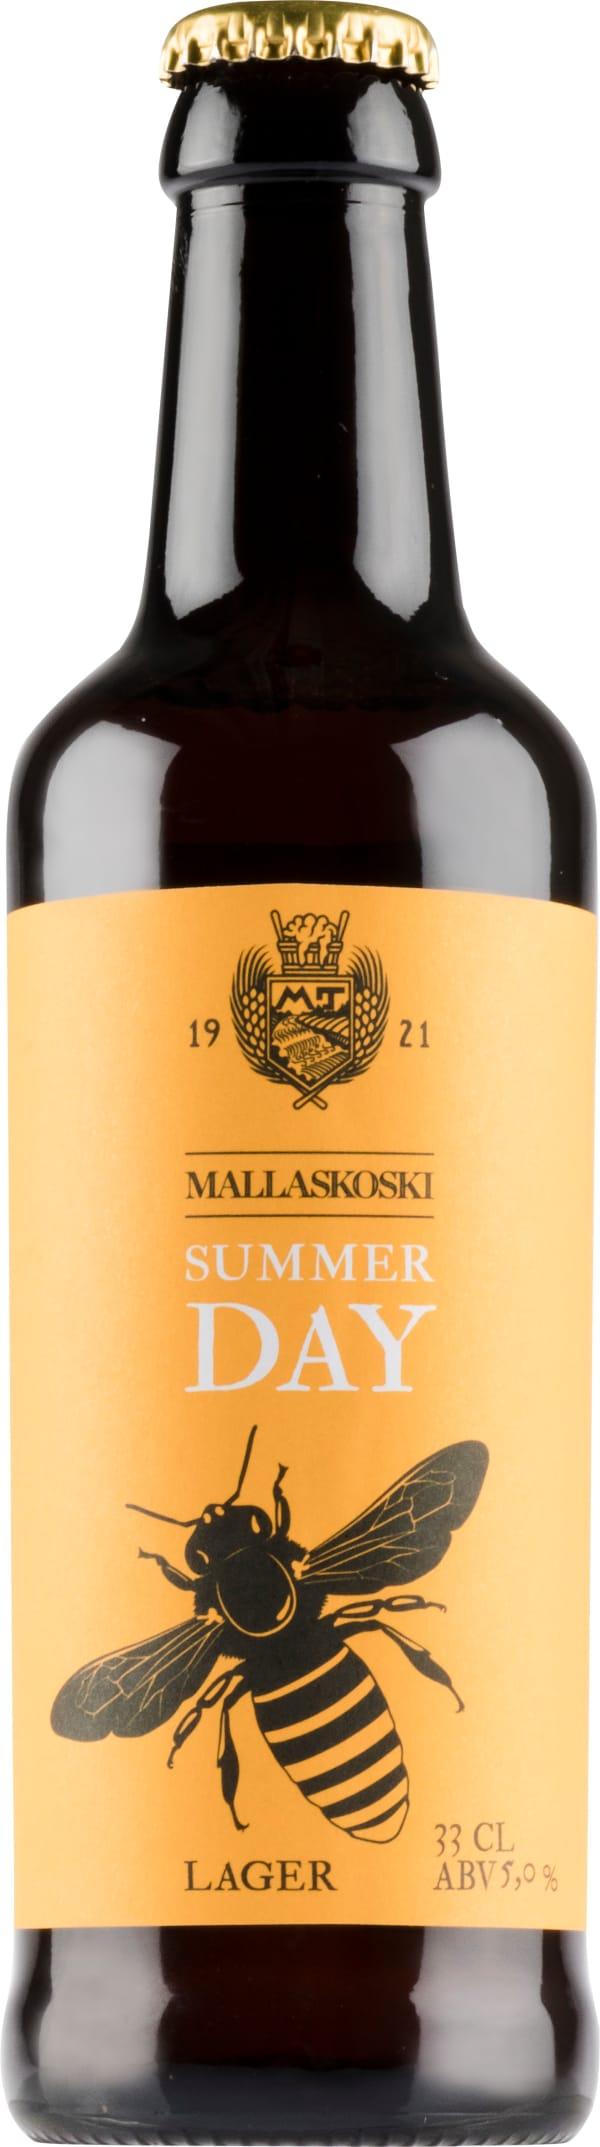 Mallaskosken Summer Day Lager